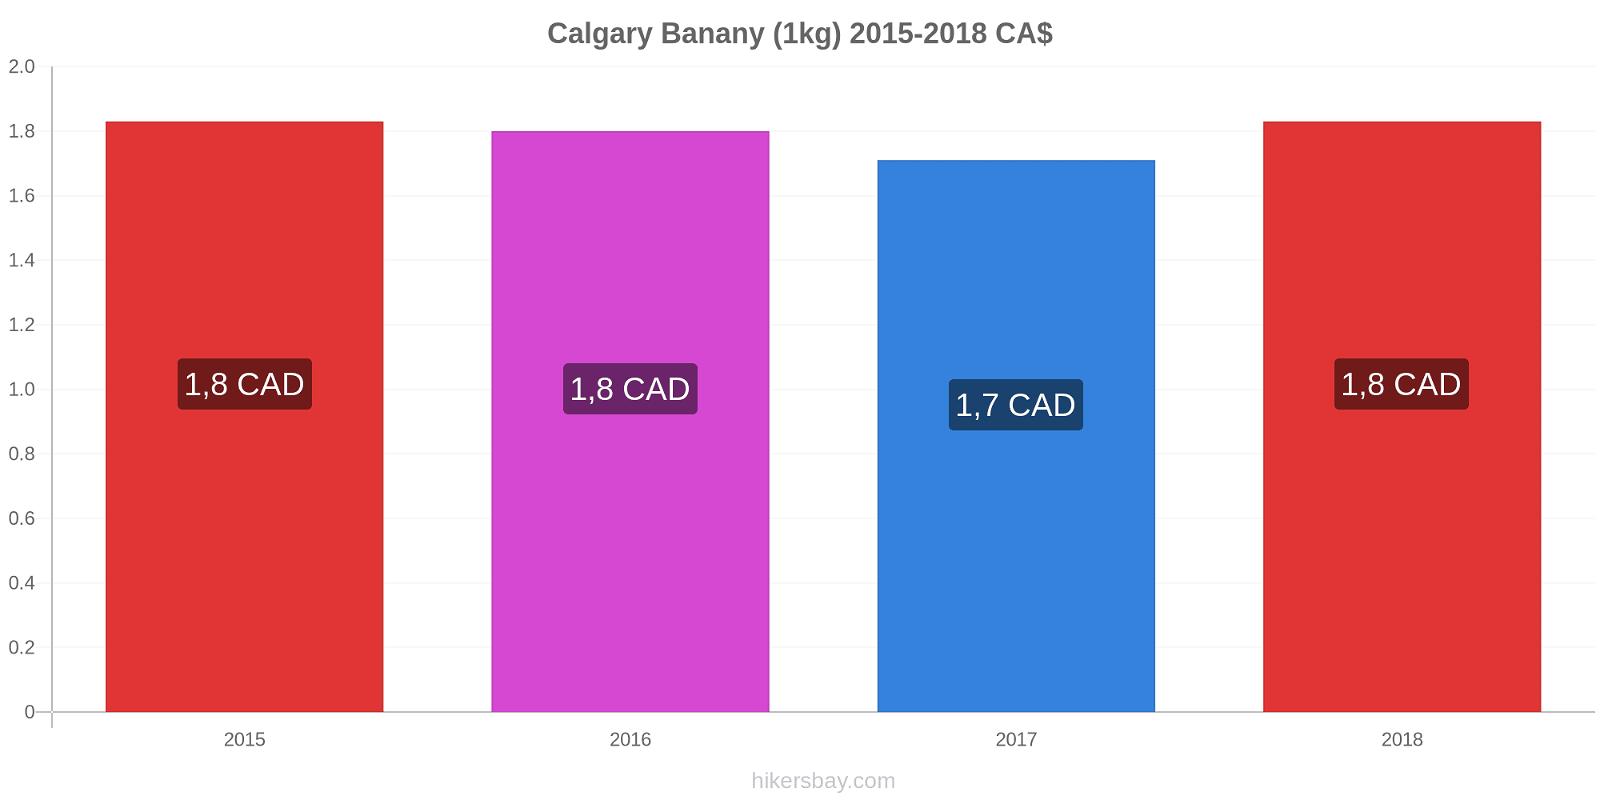 Calgary zmiany cen Banany (1kg) hikersbay.com